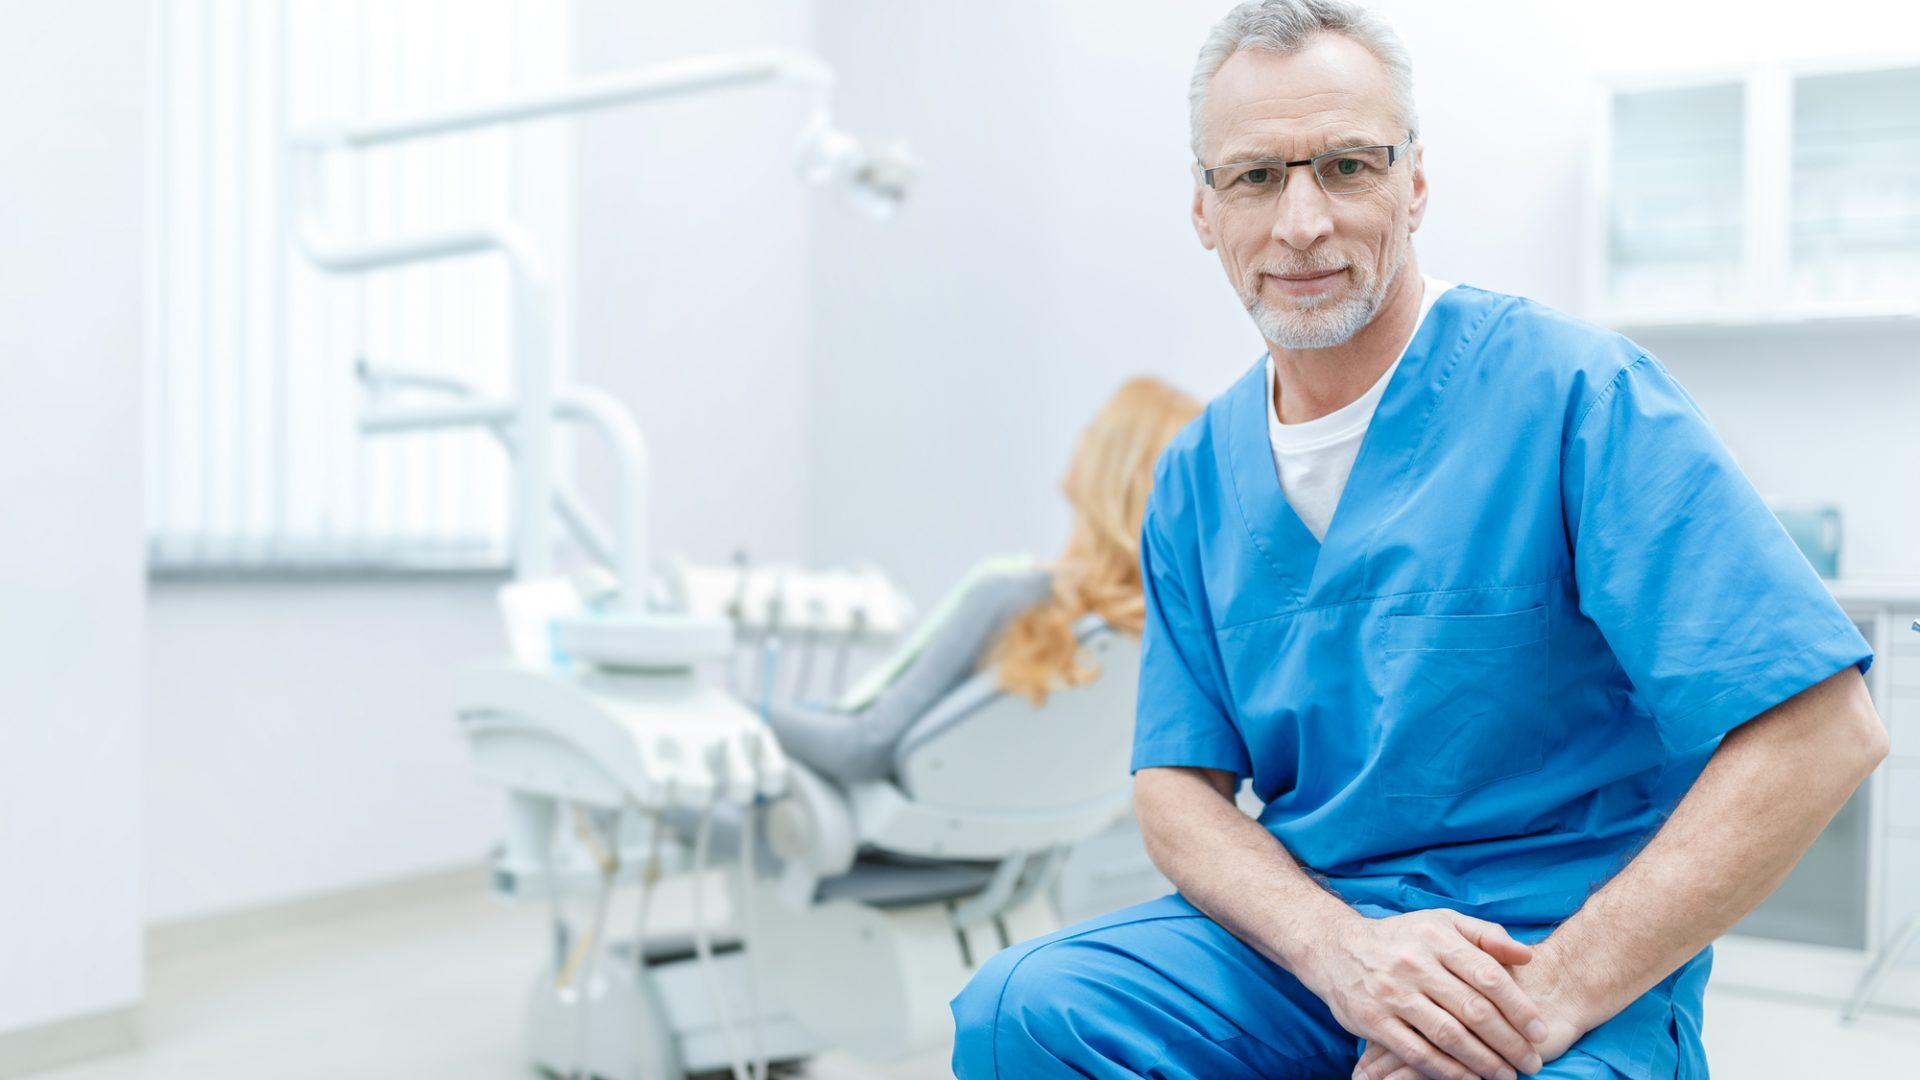 Find en billig tandlæge herhjemme eller i udlandet